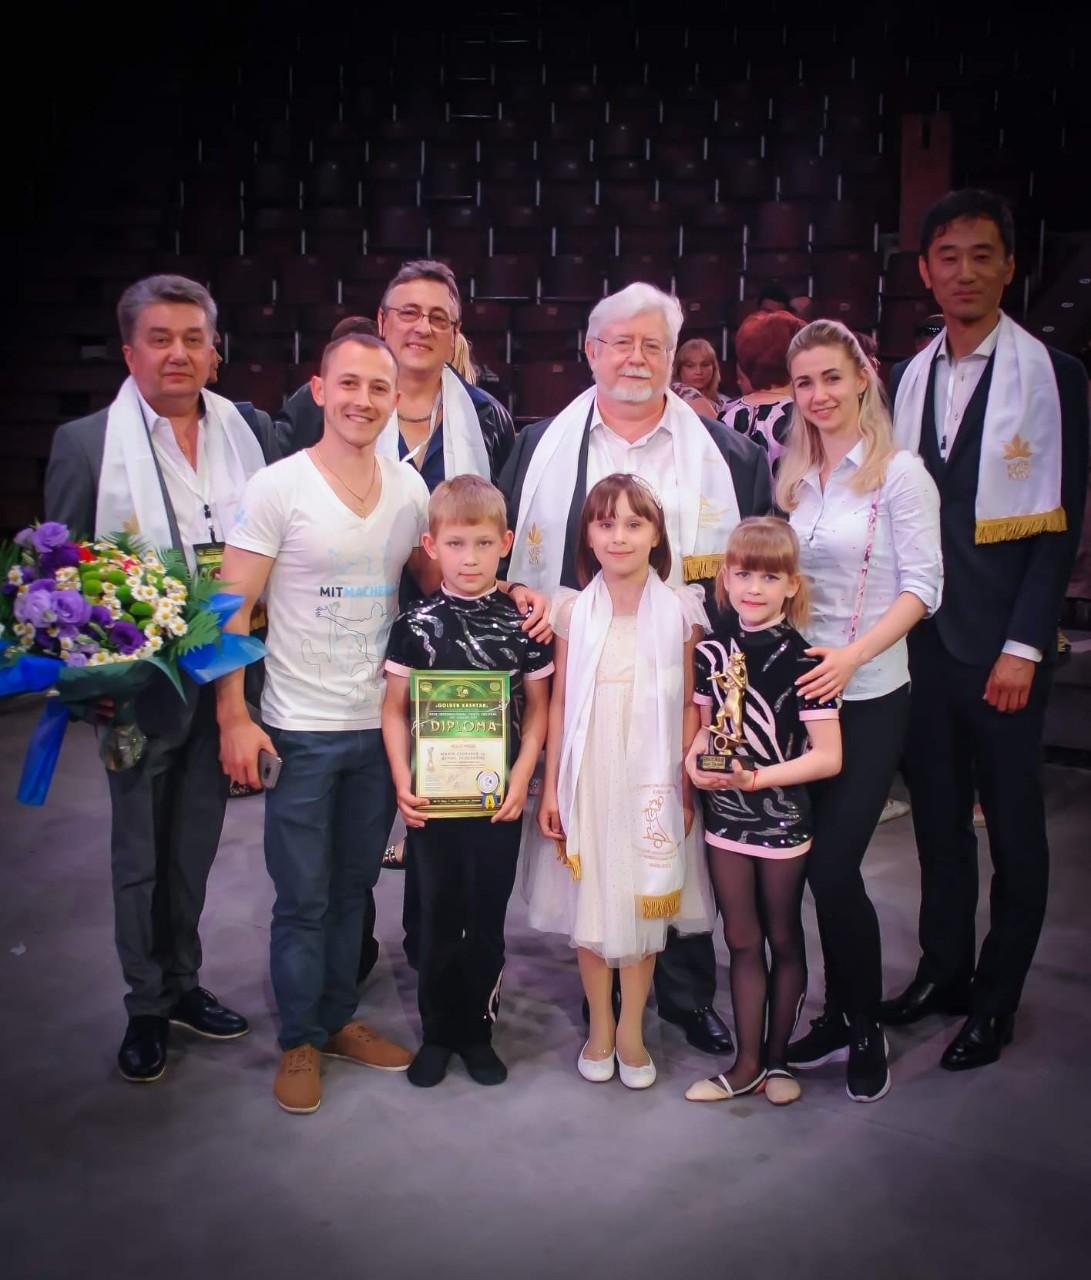 Вихованці Зразкової спортивно-циркової студії «Тріумф» стали переможцями молодіжного фестивалю «Золотий каштан»